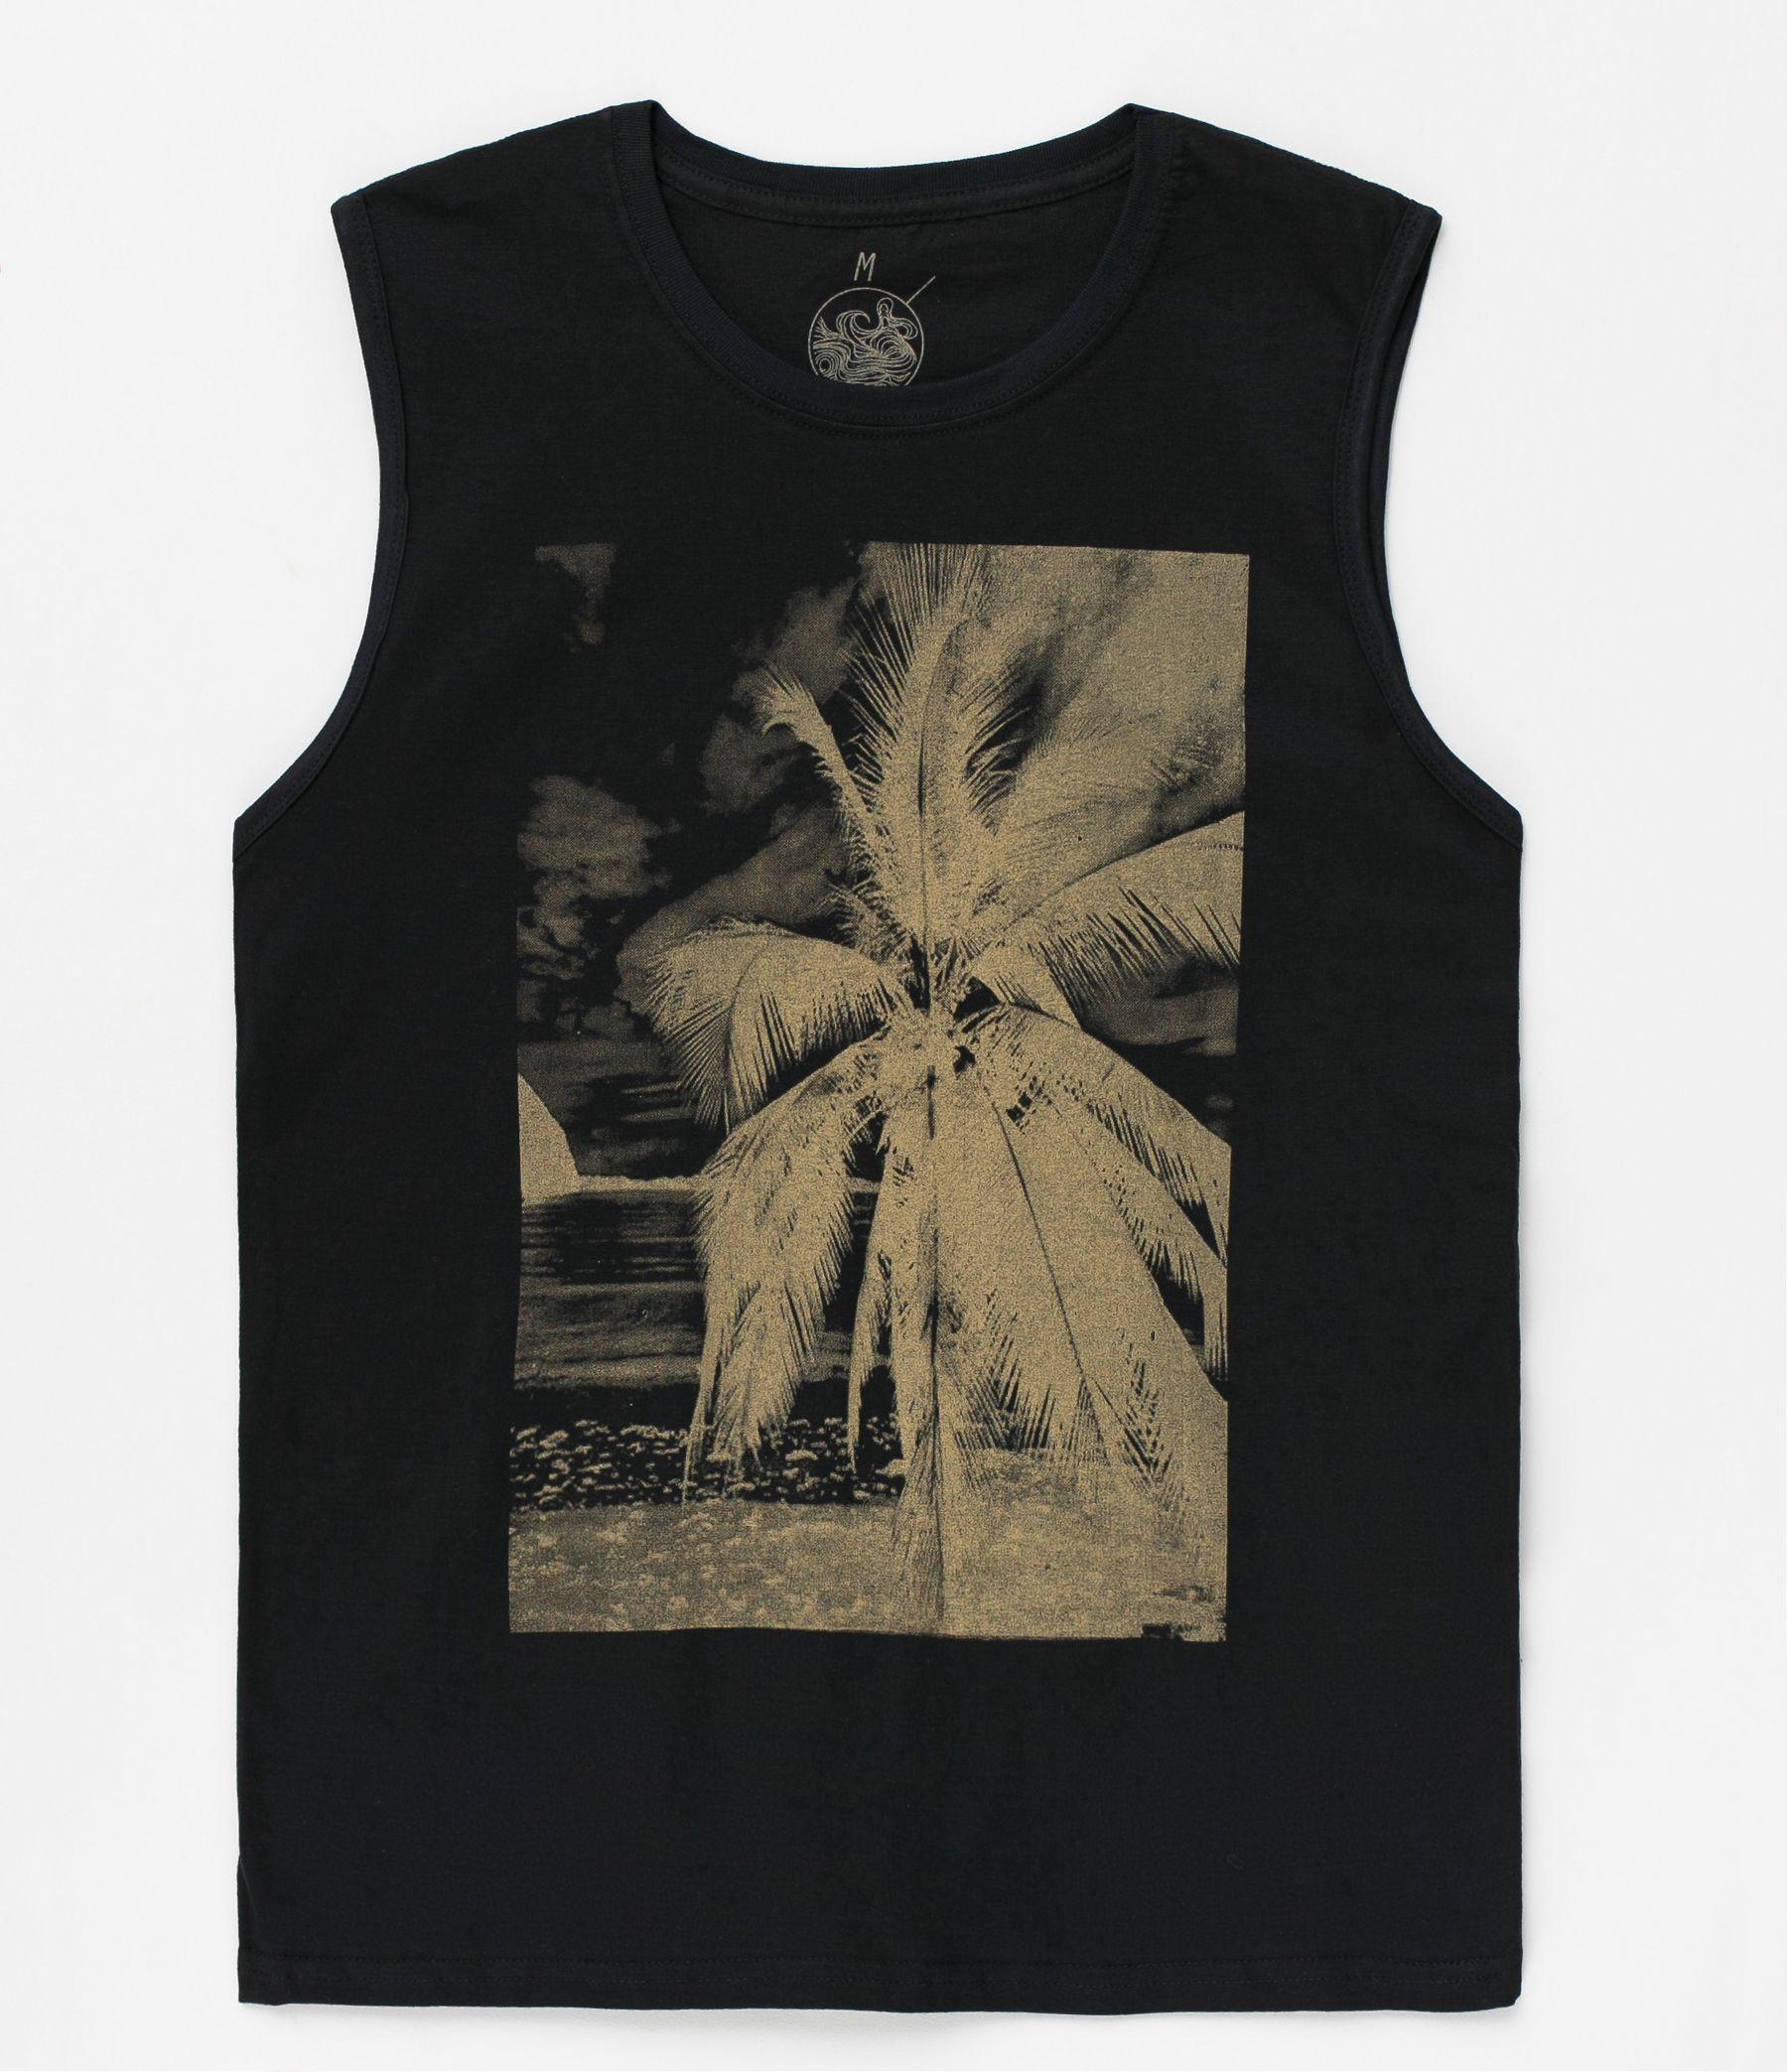 80257b57f63b3 Camiseta masculina Manga curta Gola redonda Com estampa Marca  Ripping  Composição  100% algodão